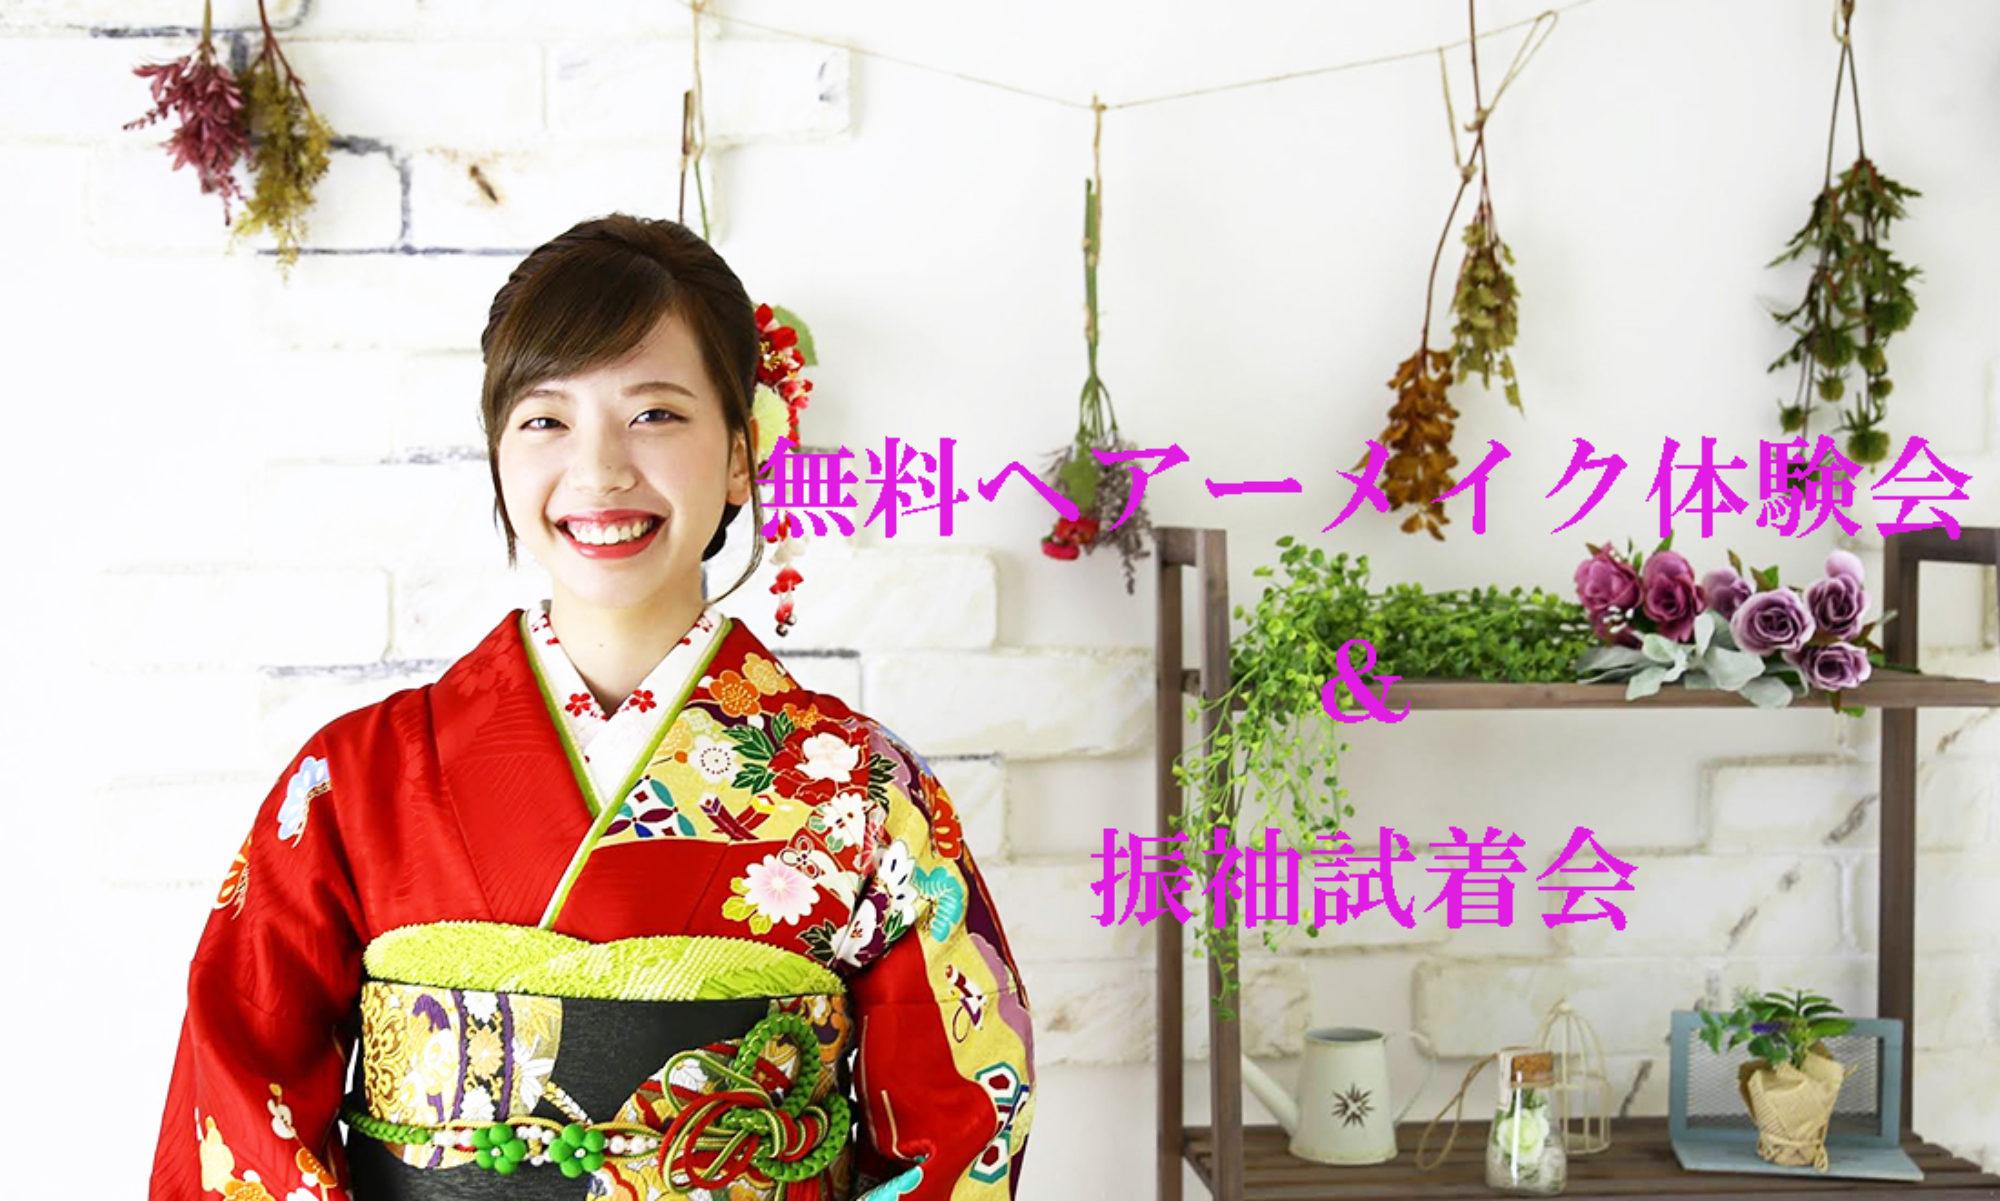 小田原,秦野でお振袖のレンタル、ご購入ならば、MIYAMAへ卒業式ハカマも取り扱いしております。